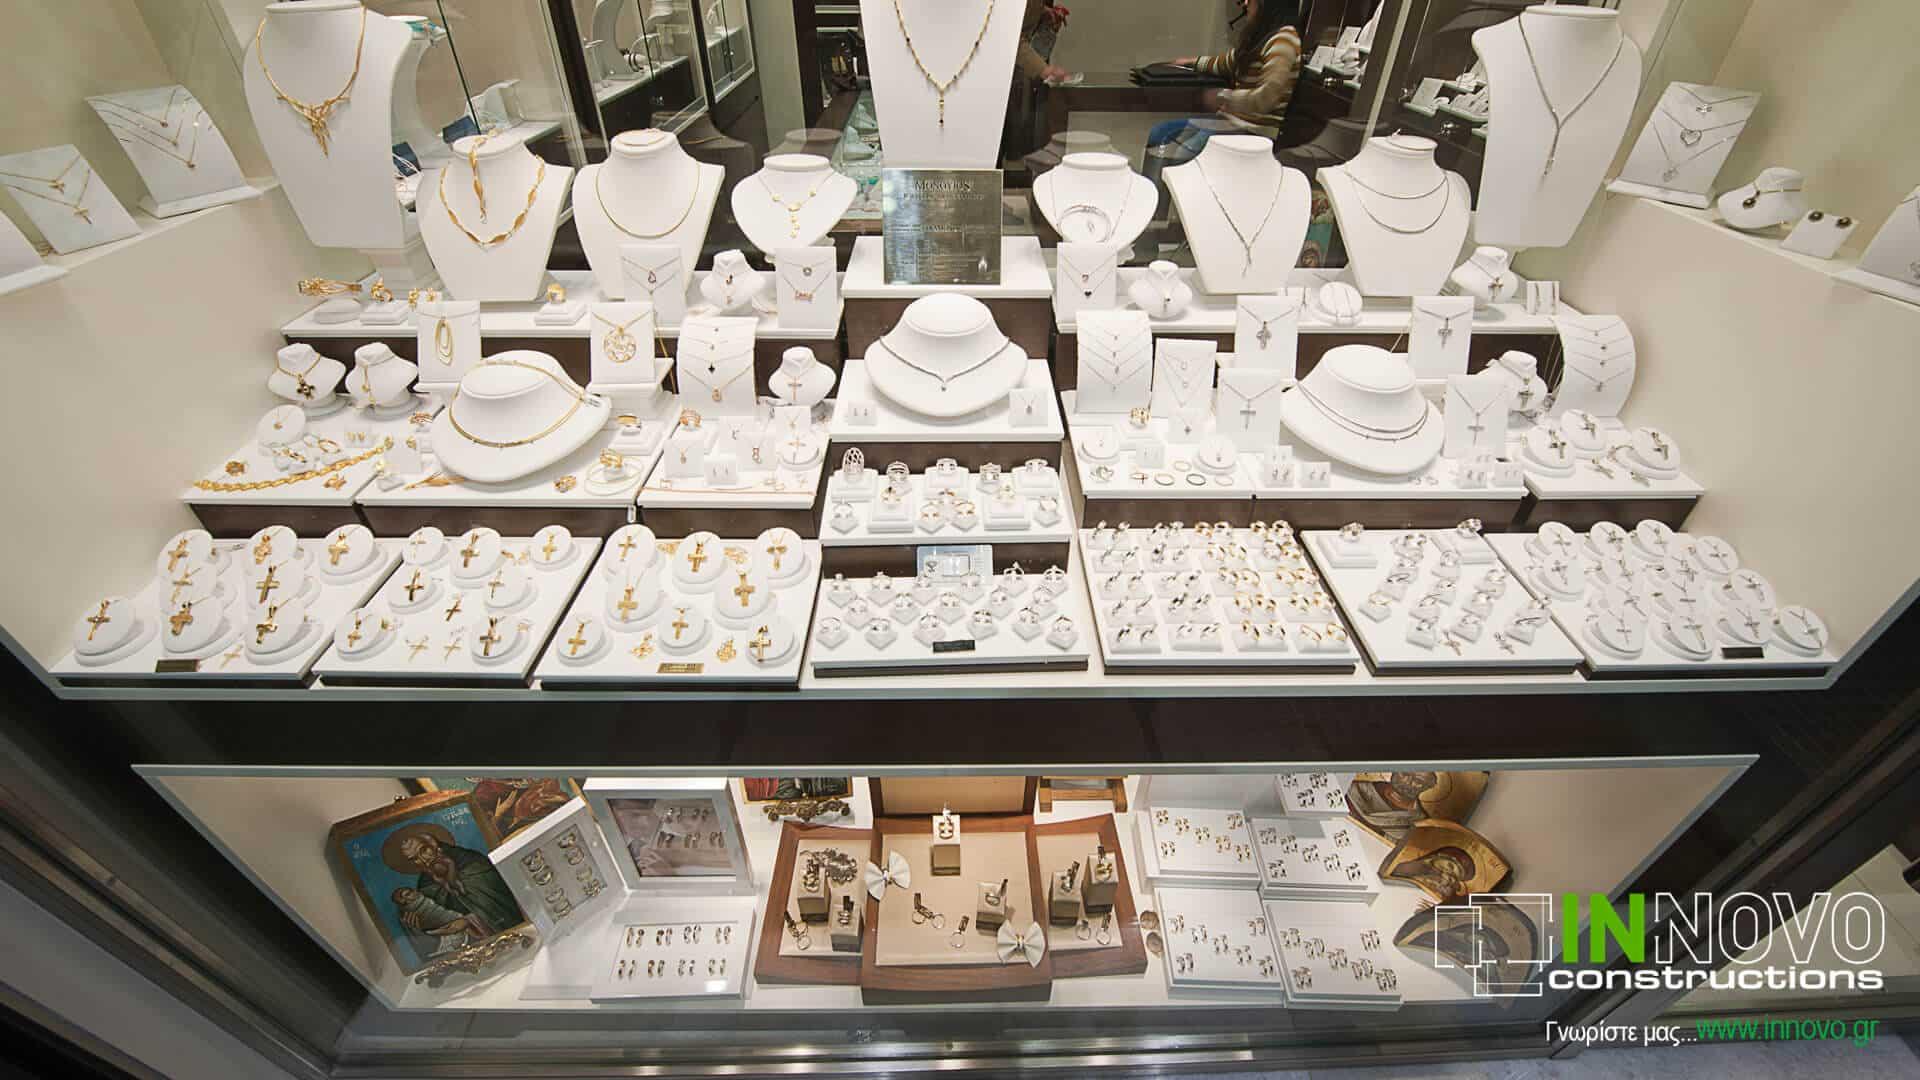 anakainisi-kosmimatopoleiou-jewelry-renovation-kosmimatopoleio-peiraias-1297-6